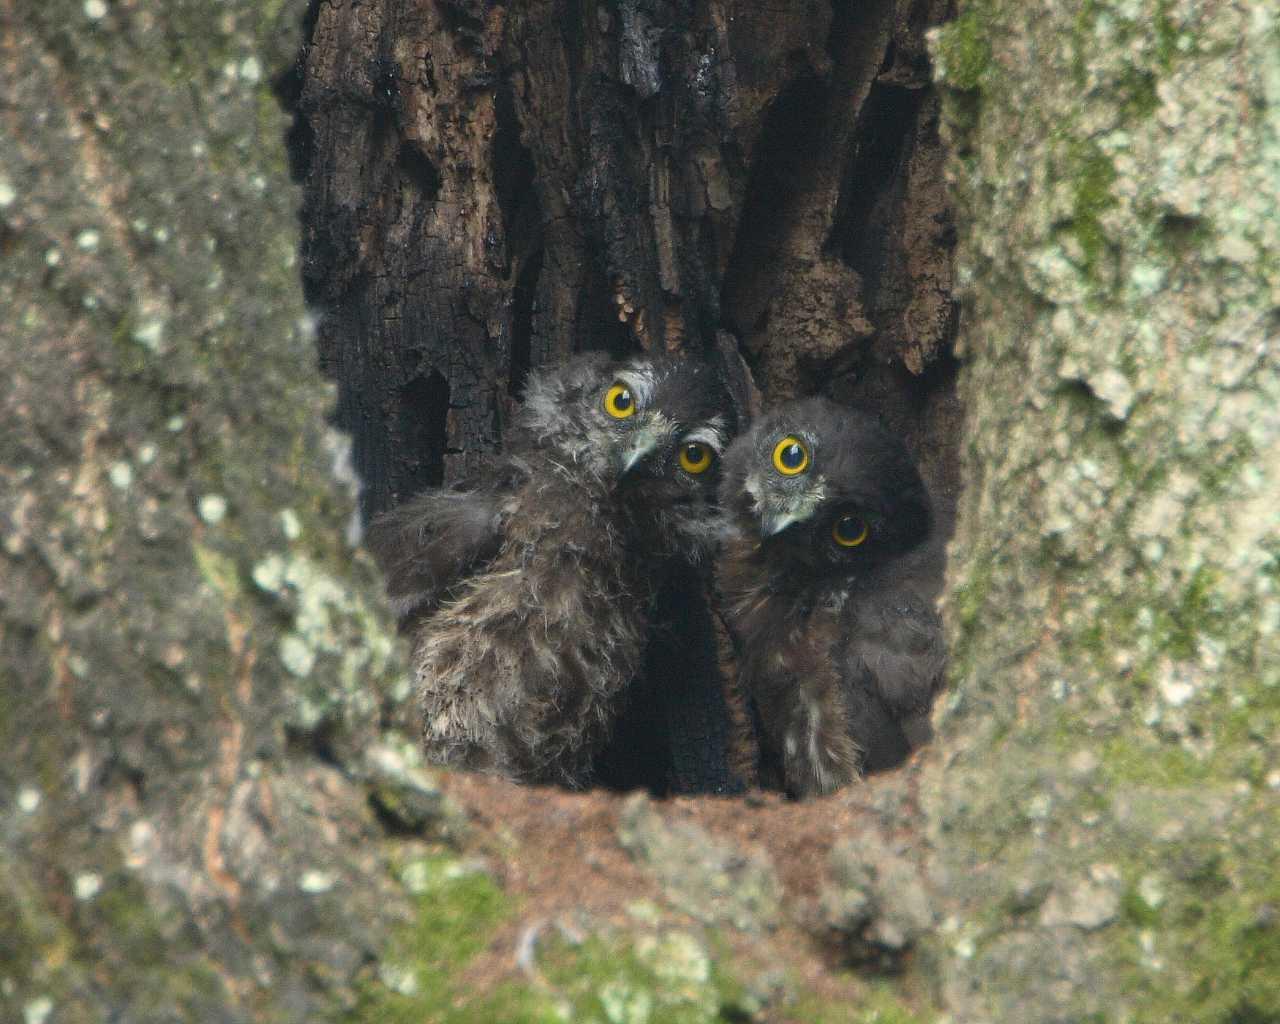 アオバズク兄弟(野鳥の雛の可愛い壁紙)_f0105570_1474680.jpg